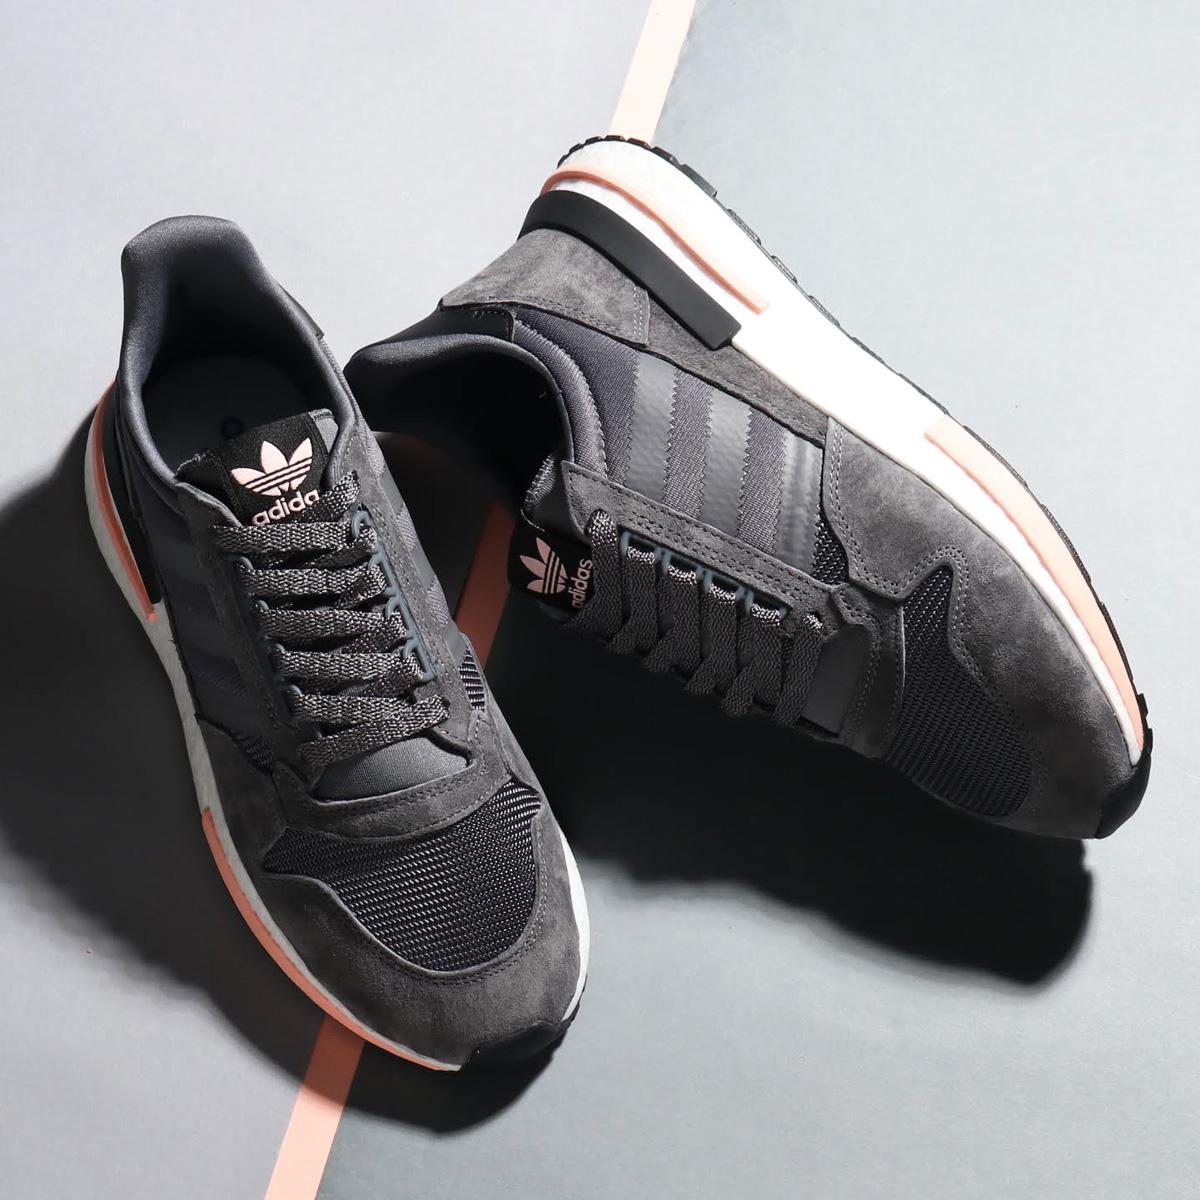 100%正規品 adidas Originals ZX 500 RM(アディダス オリジナルス ZX adidas 500 Five/Running RM)Grey ZX Five/Running White/Clear Orange【メンズ スニーカー】18FW-I, 西谷商店:06d75937 --- canoncity.azurewebsites.net